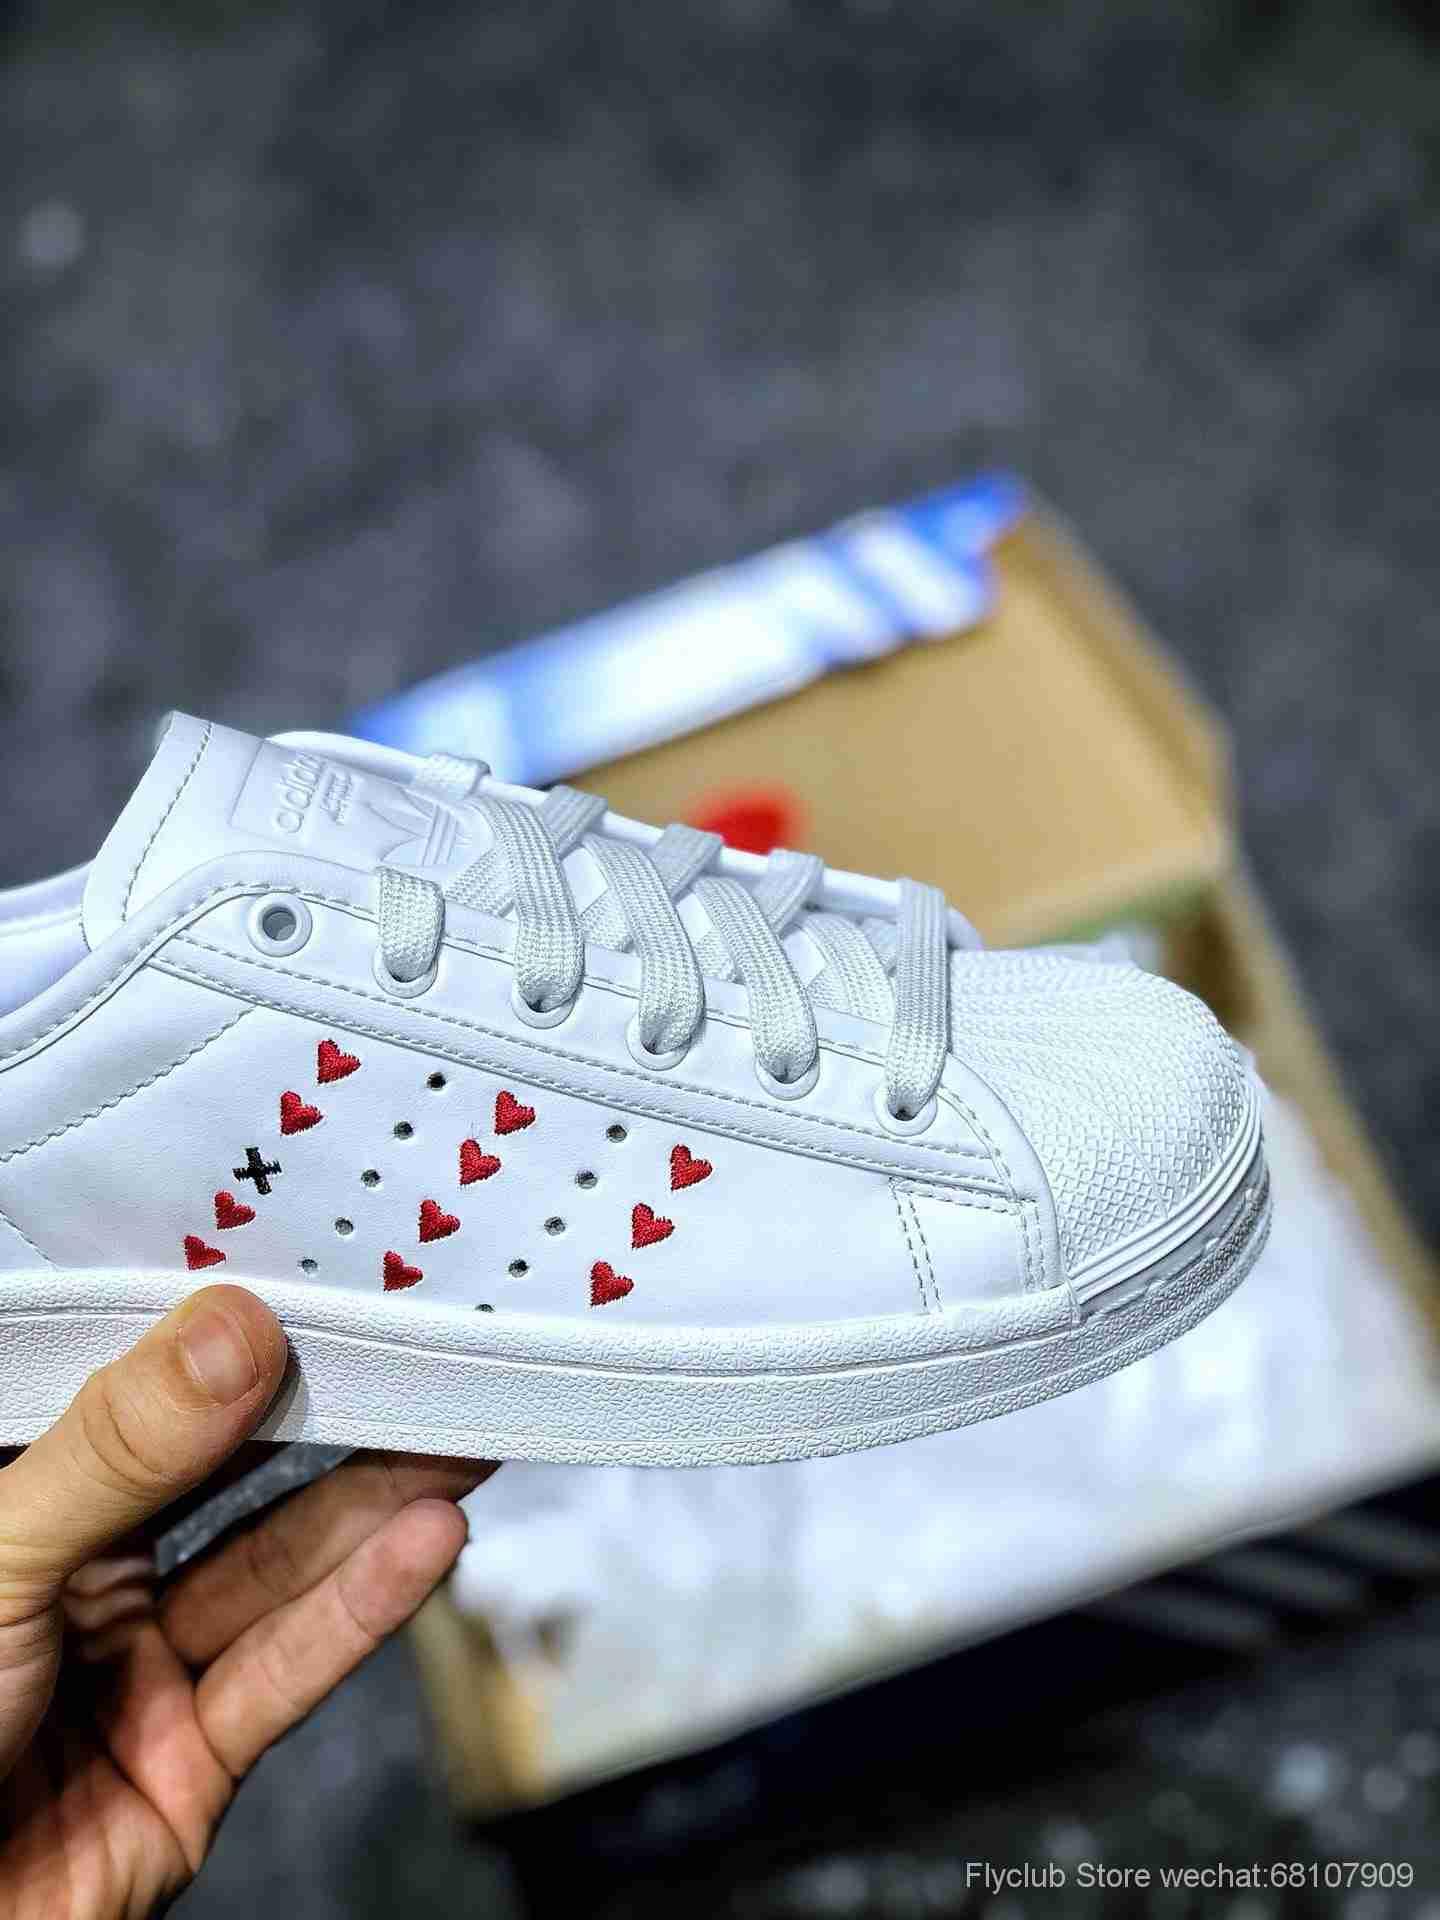 贝壳头七夕情人节限定配色,三叶草adidas Originals Superstars J贝壳头经典百搭休闲运动板鞋